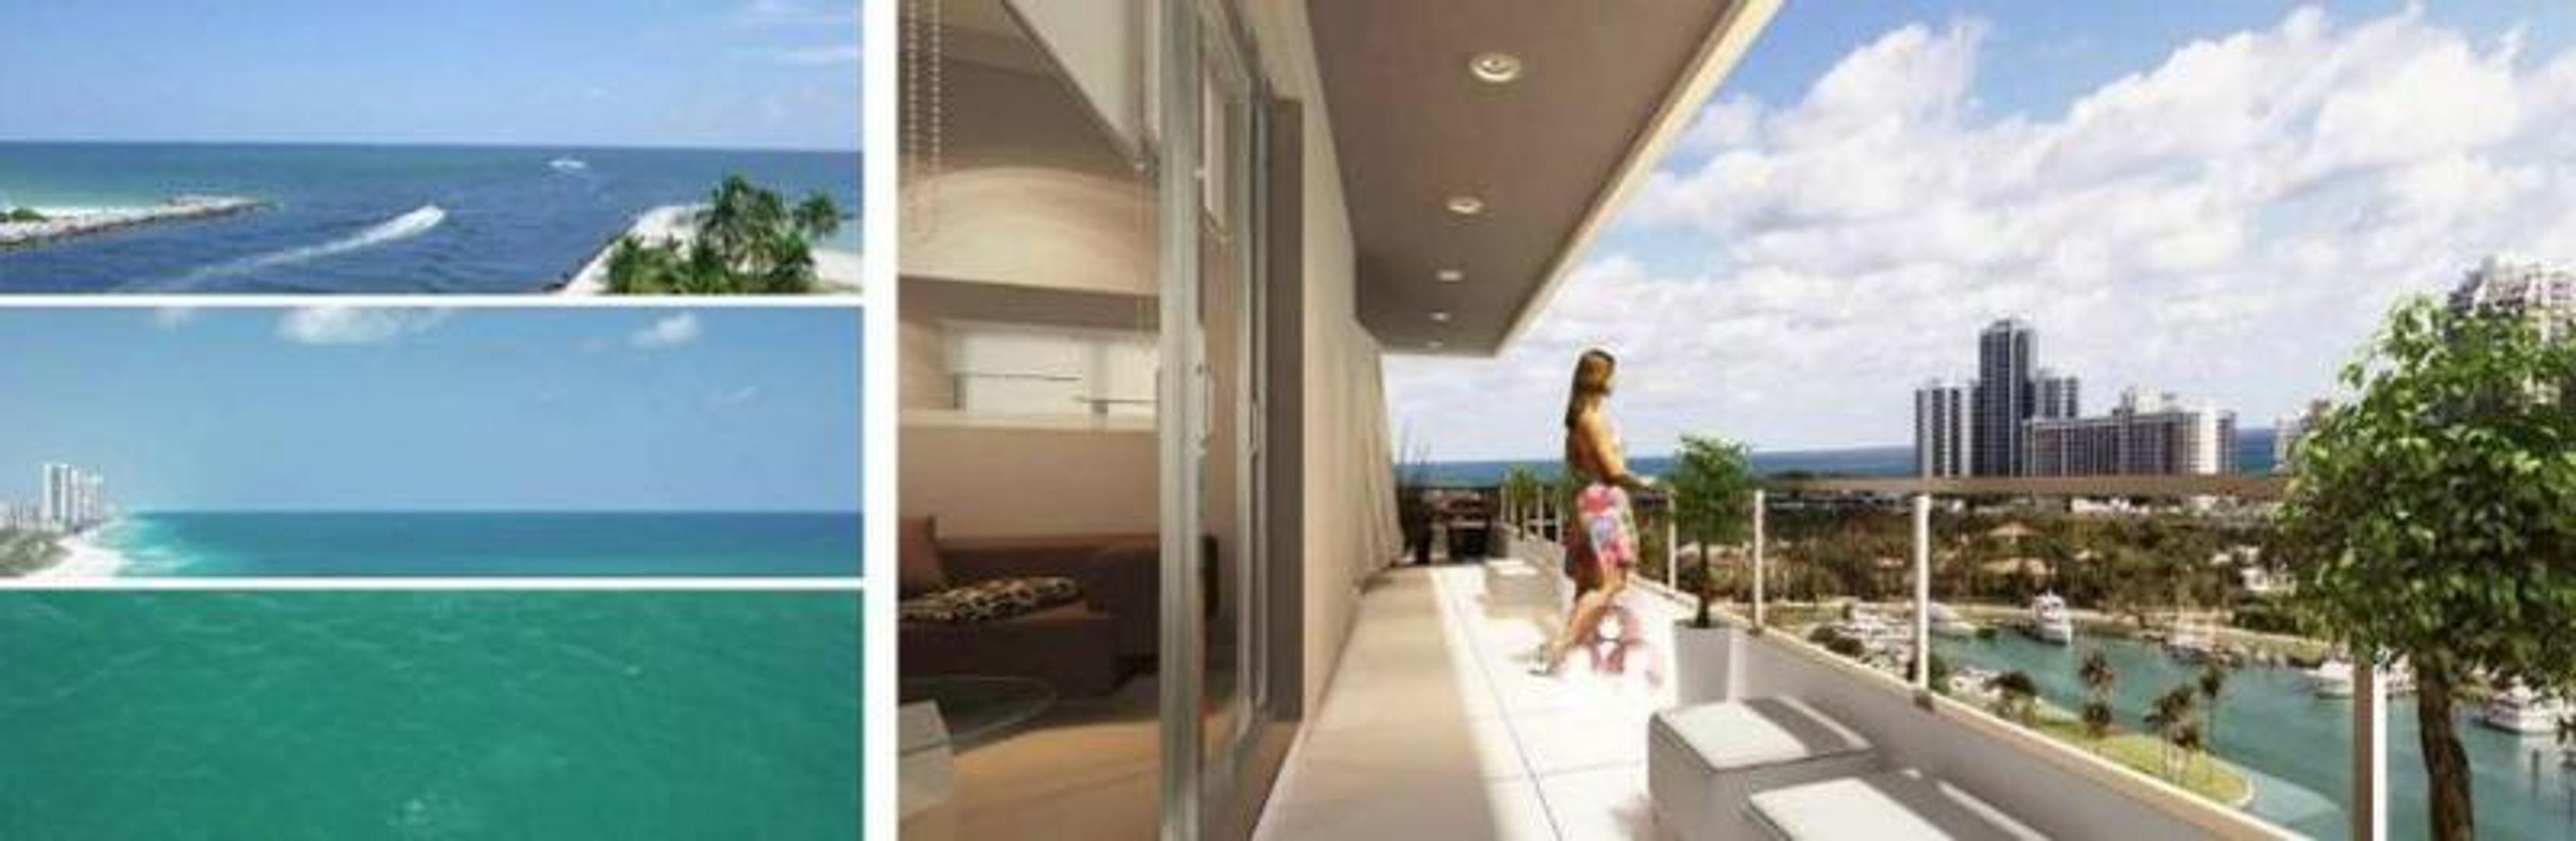 Apartamento en venta 2 dormitorios - Harbour 20Park - Miami